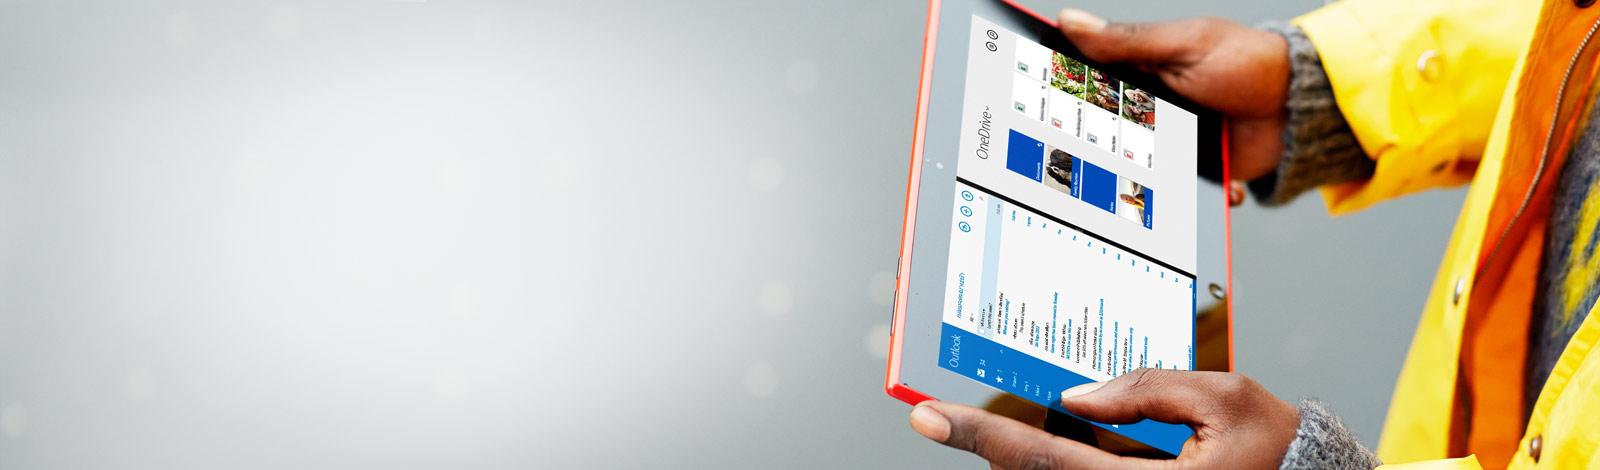 ผู้ชายกำลังถือแท็บเล็ต คุณสามารถทำงานได้จากทุกที่ด้วย Office 365